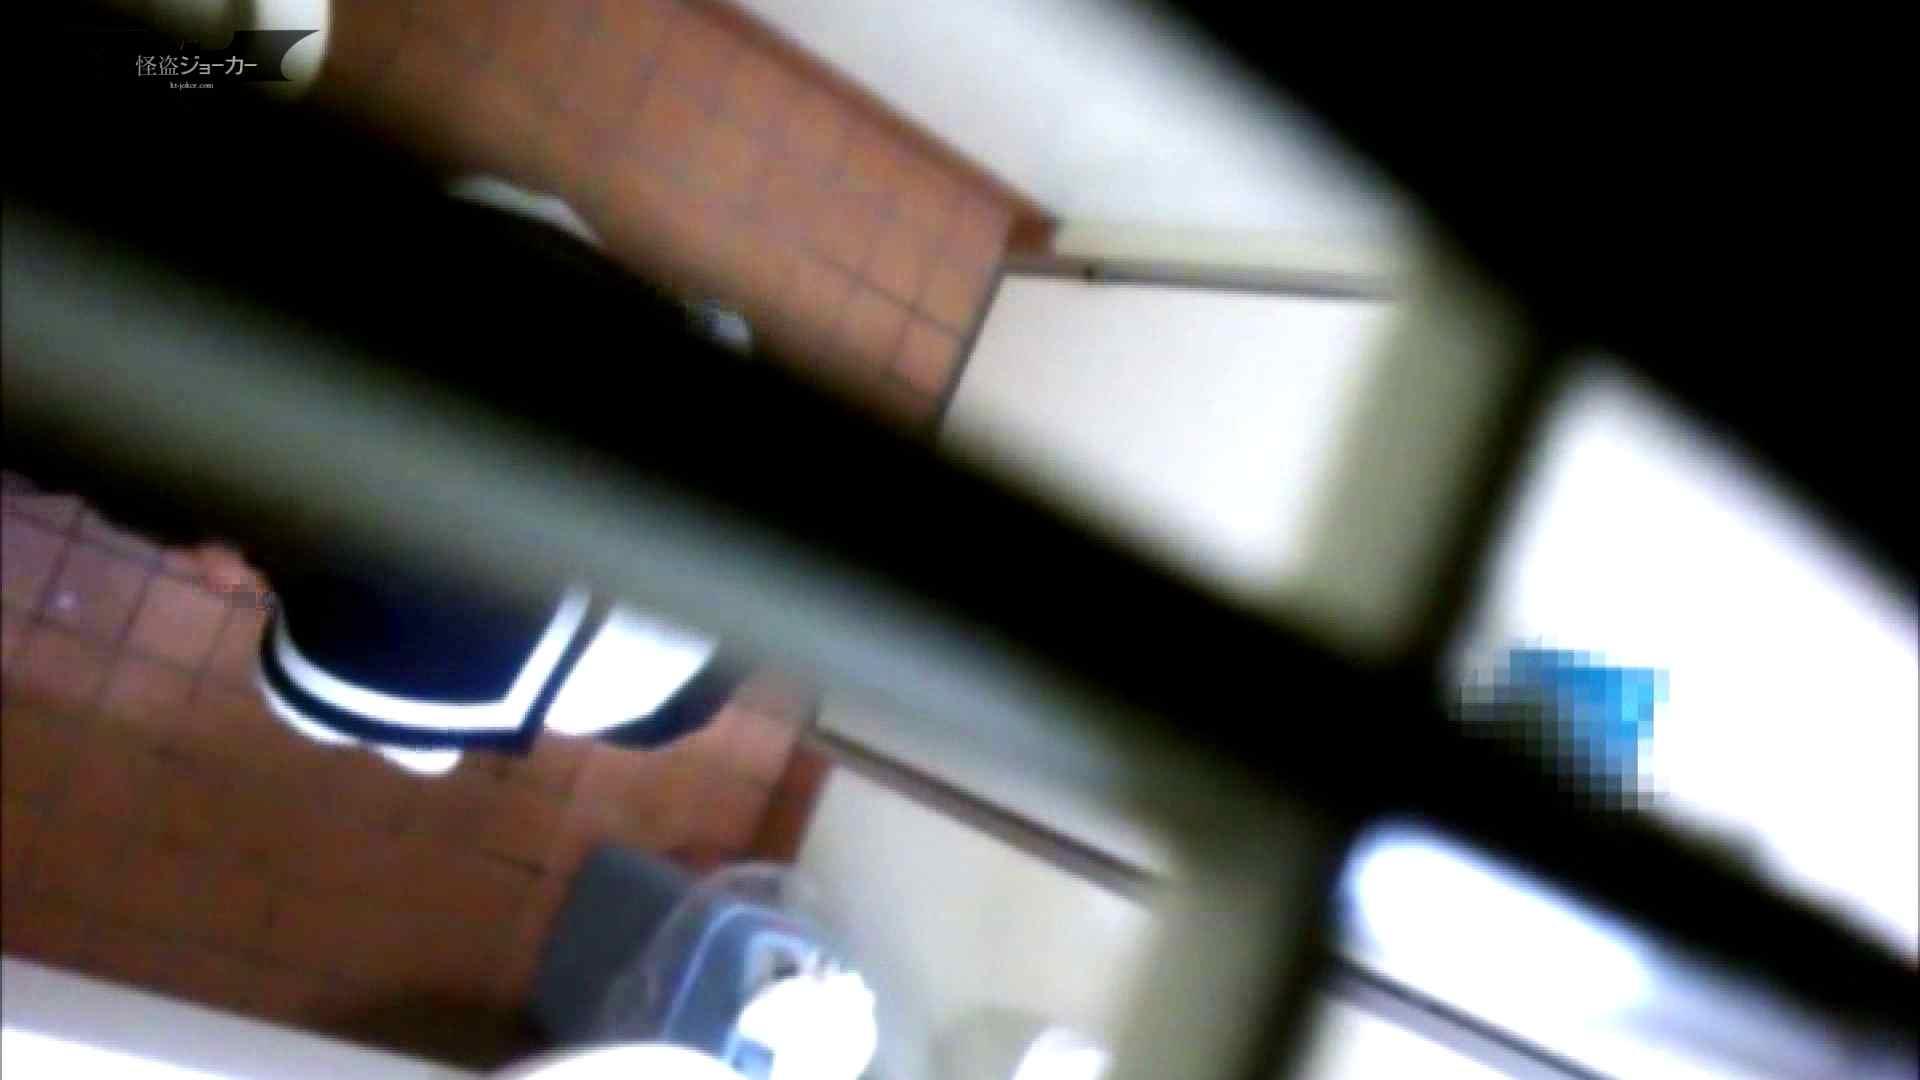 店長代理の盗撮録 Vol.02 制服ばかりをあつめてみました。その2 OL | 盗撮エロすぎ  86連発 80